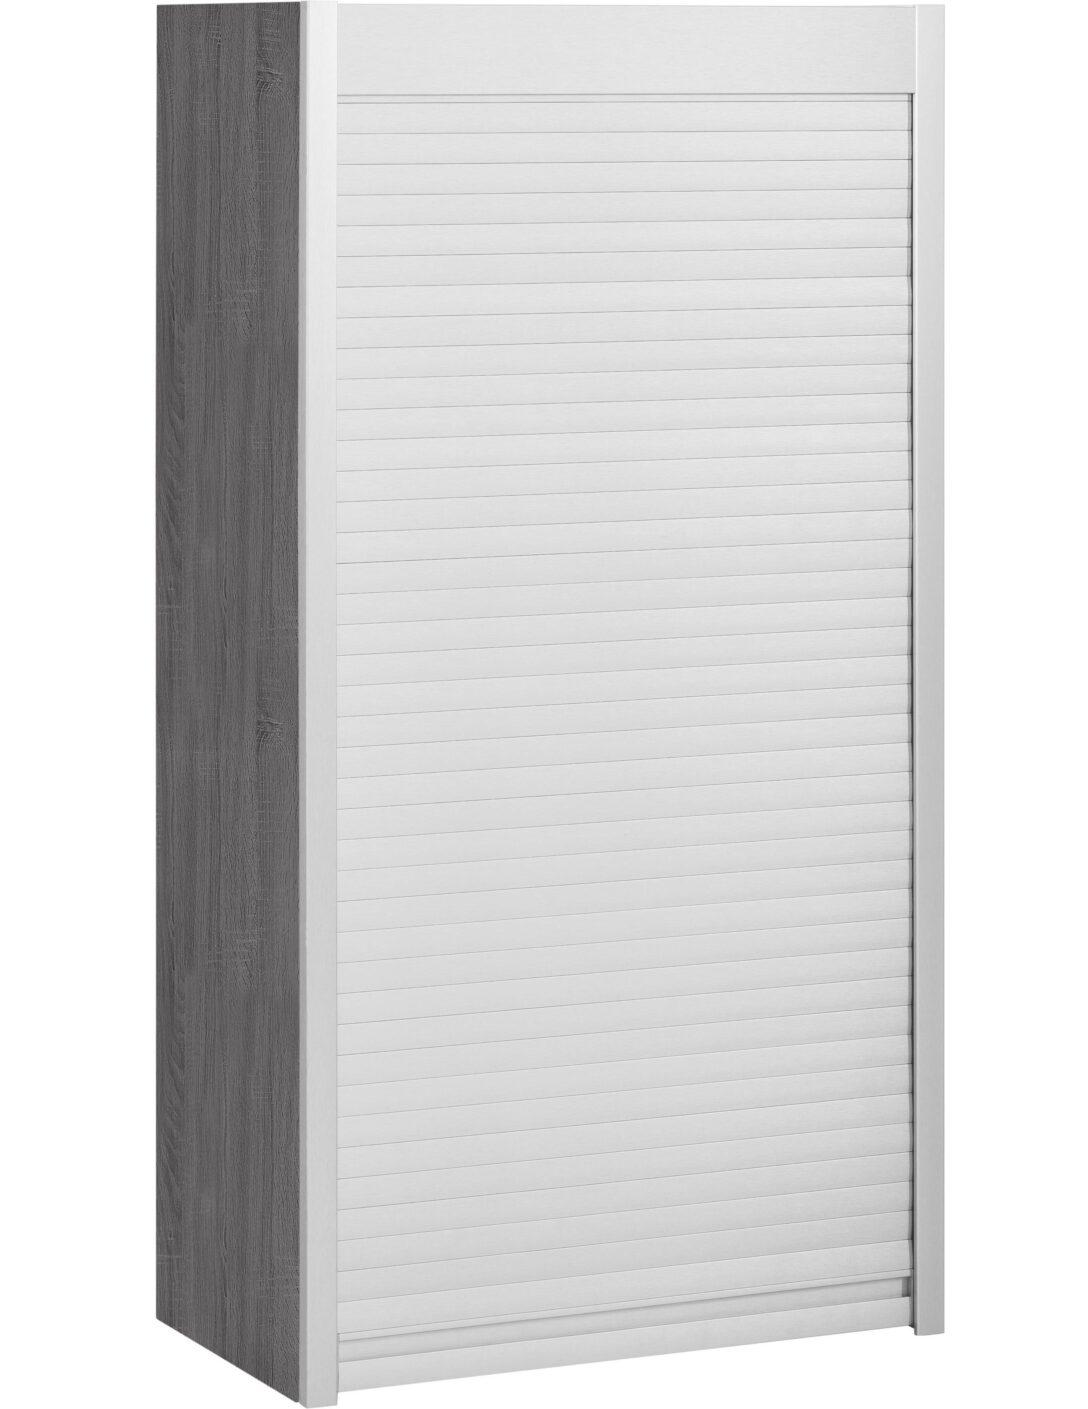 Large Size of Küche Günstig Kaufen Einbauküche Ohne Kühlschrank Vorhänge Ikea Hochglanz Grau Blende Grillplatte Amerikanische Thekentisch Kochinsel Wandverkleidung Wohnzimmer Aufsatz Jalousieschrank Küche Ikea